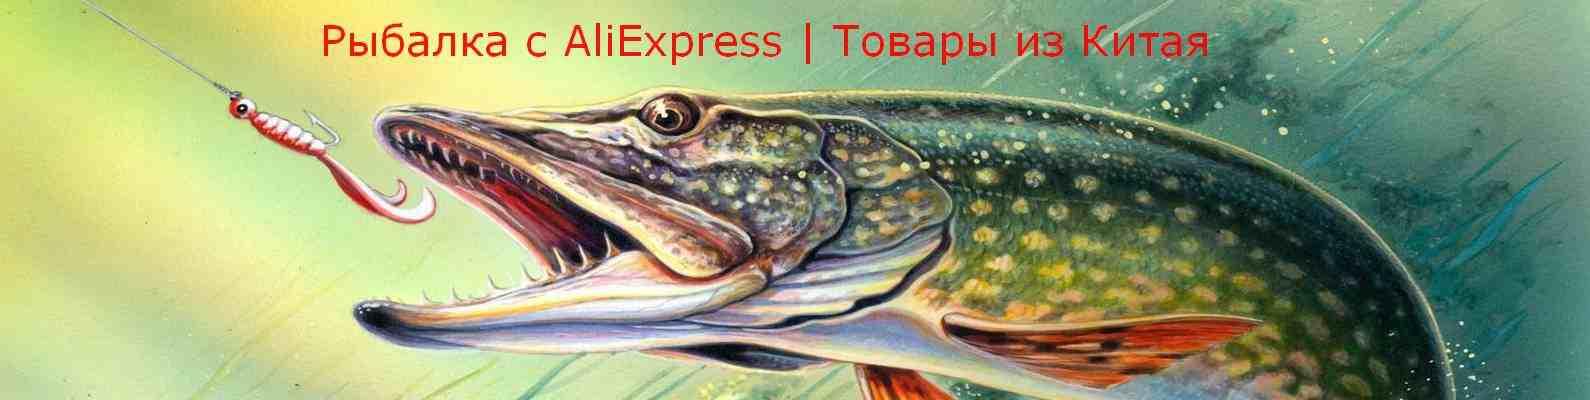 Подборка лучших товаров для рыбалки с AliExpress ЗАХОДИТЕ